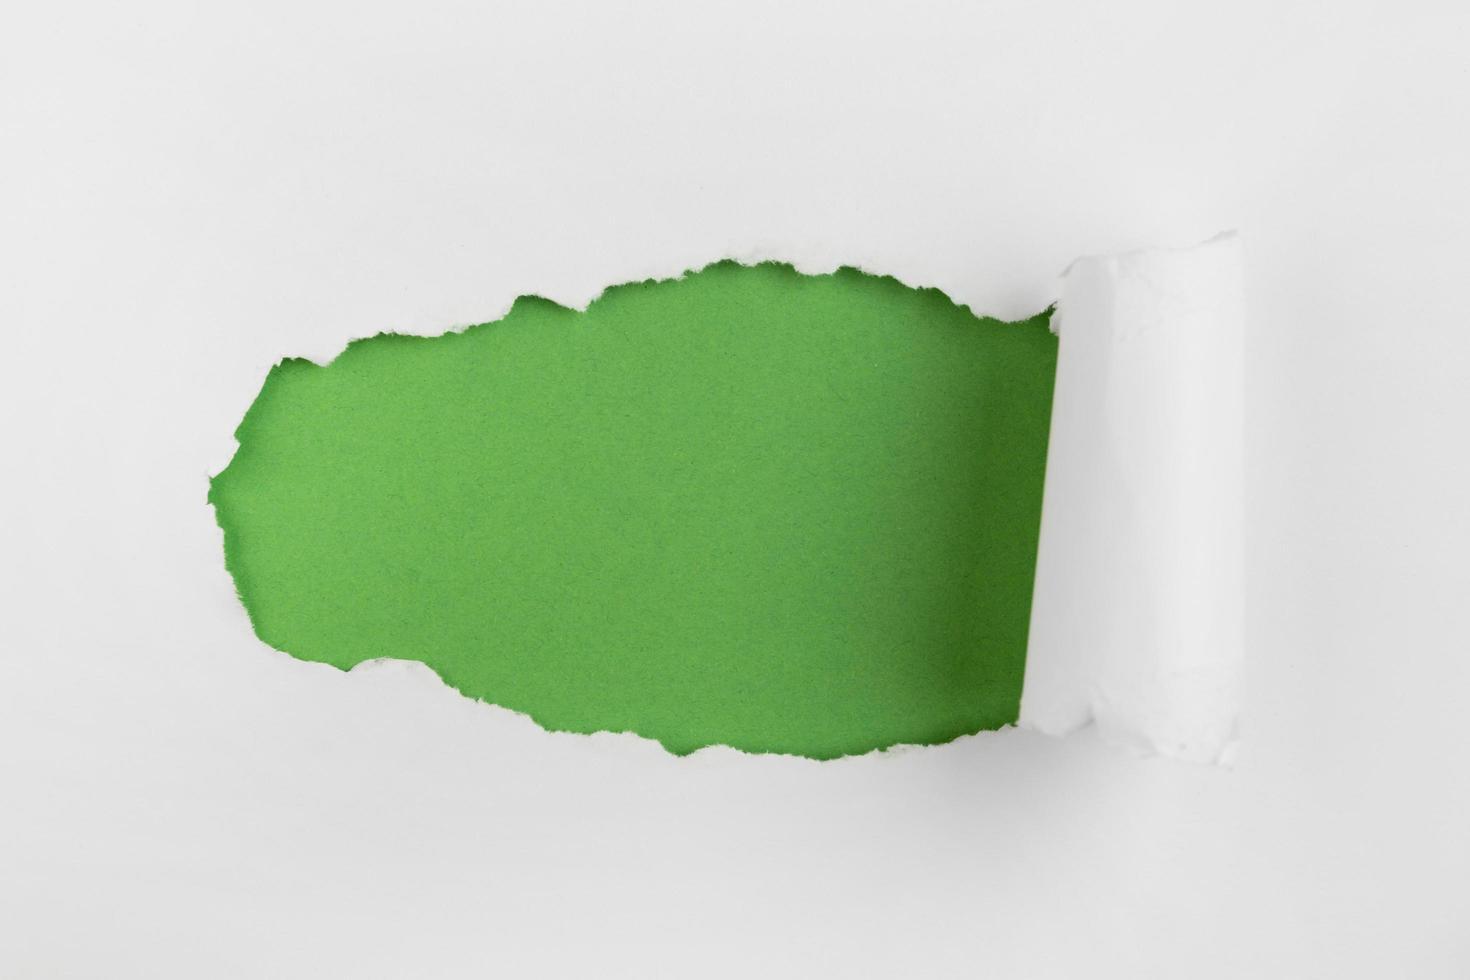 sfondo di carta verde sbriciolato foto